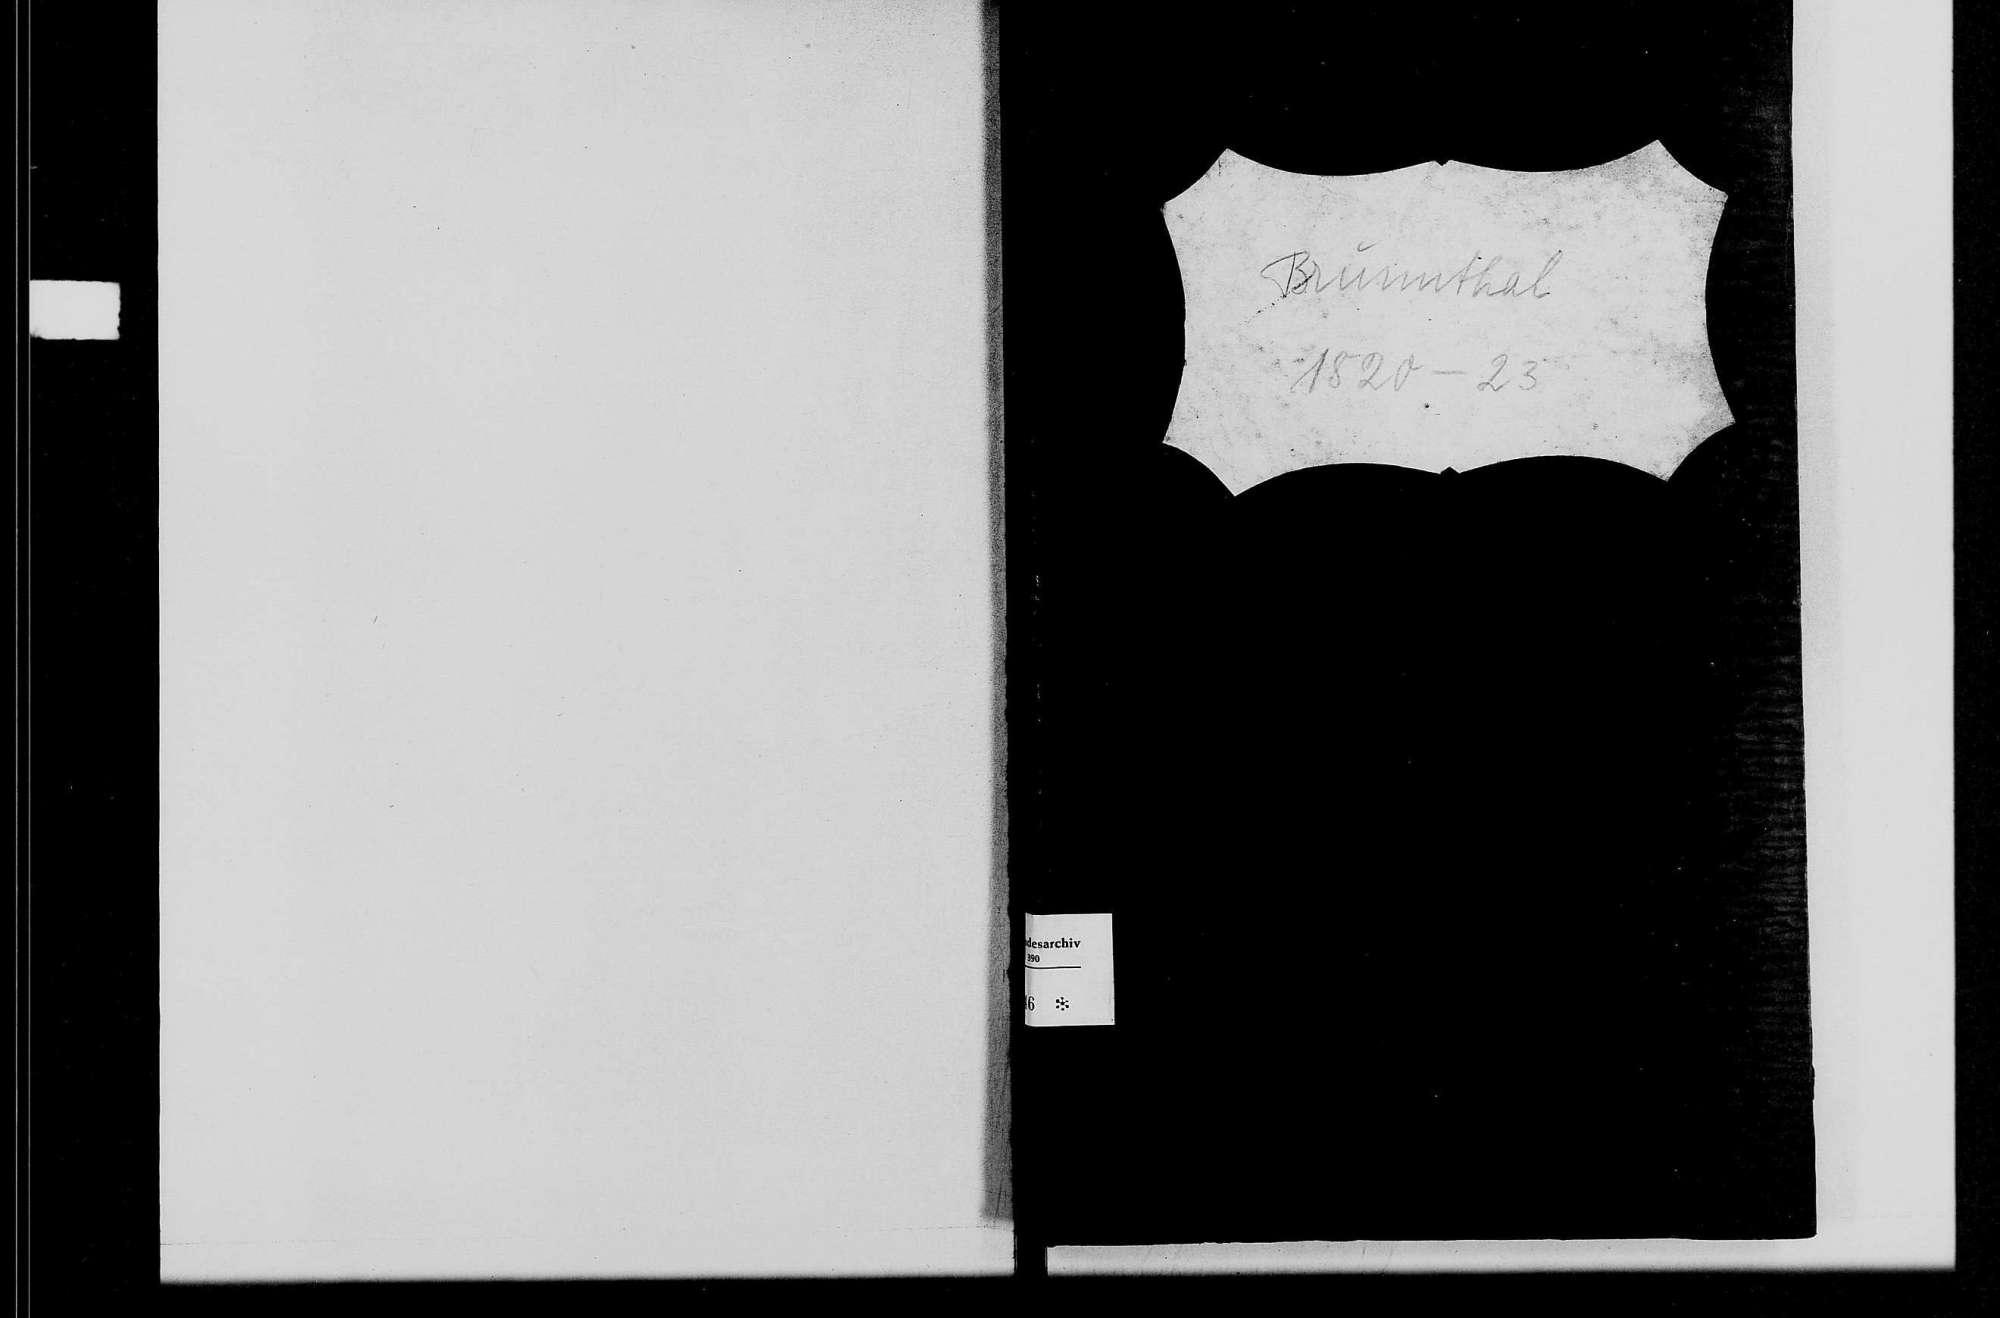 Brunntal, katholische Gemeinde: Standesbuch 1820-1823, Bild 1